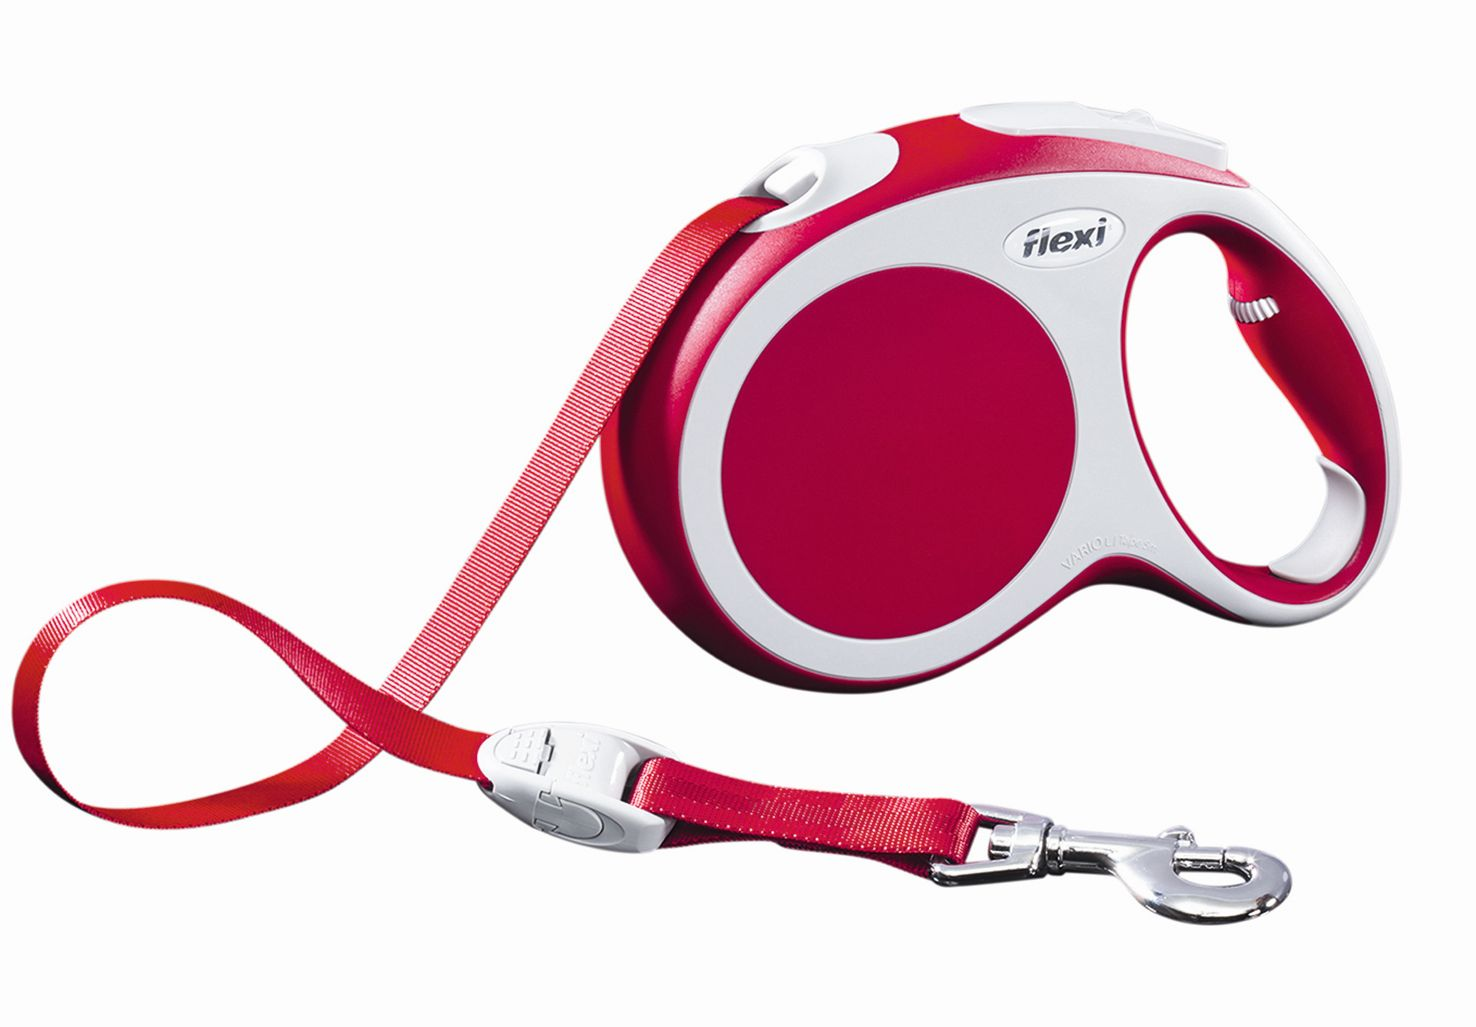 Поводок-рулетка Flexi Vario Compact L для собак до 60 кг, цвет: красный, 5 м020890Поводок-рулетка Flexi Vario Compact L изготовлен из пластика и нейлона.Подходит для собак весом до 60 кг. Ленточный поводок обеспечивает каждойсобаке свободу движения, что идет на пользу здоровью и радует вашегочетвероногого друга. Рулетка очень проста в использовании. Она оснащенакнопками кратковременной и постоянной фиксации. Ее можно оснаститьмультибоксом для лакомств или пакетиков для сбора фекалий, LED подсветкойкорпуса, своркой или ремнем с LED подсветкой. Поводок имеет прочный корпус,хромированную застежку и светоотражающие элементы. Длина поводка: 5 м.Максимальная нагрузка: 60 кг.Товар сертифицирован.